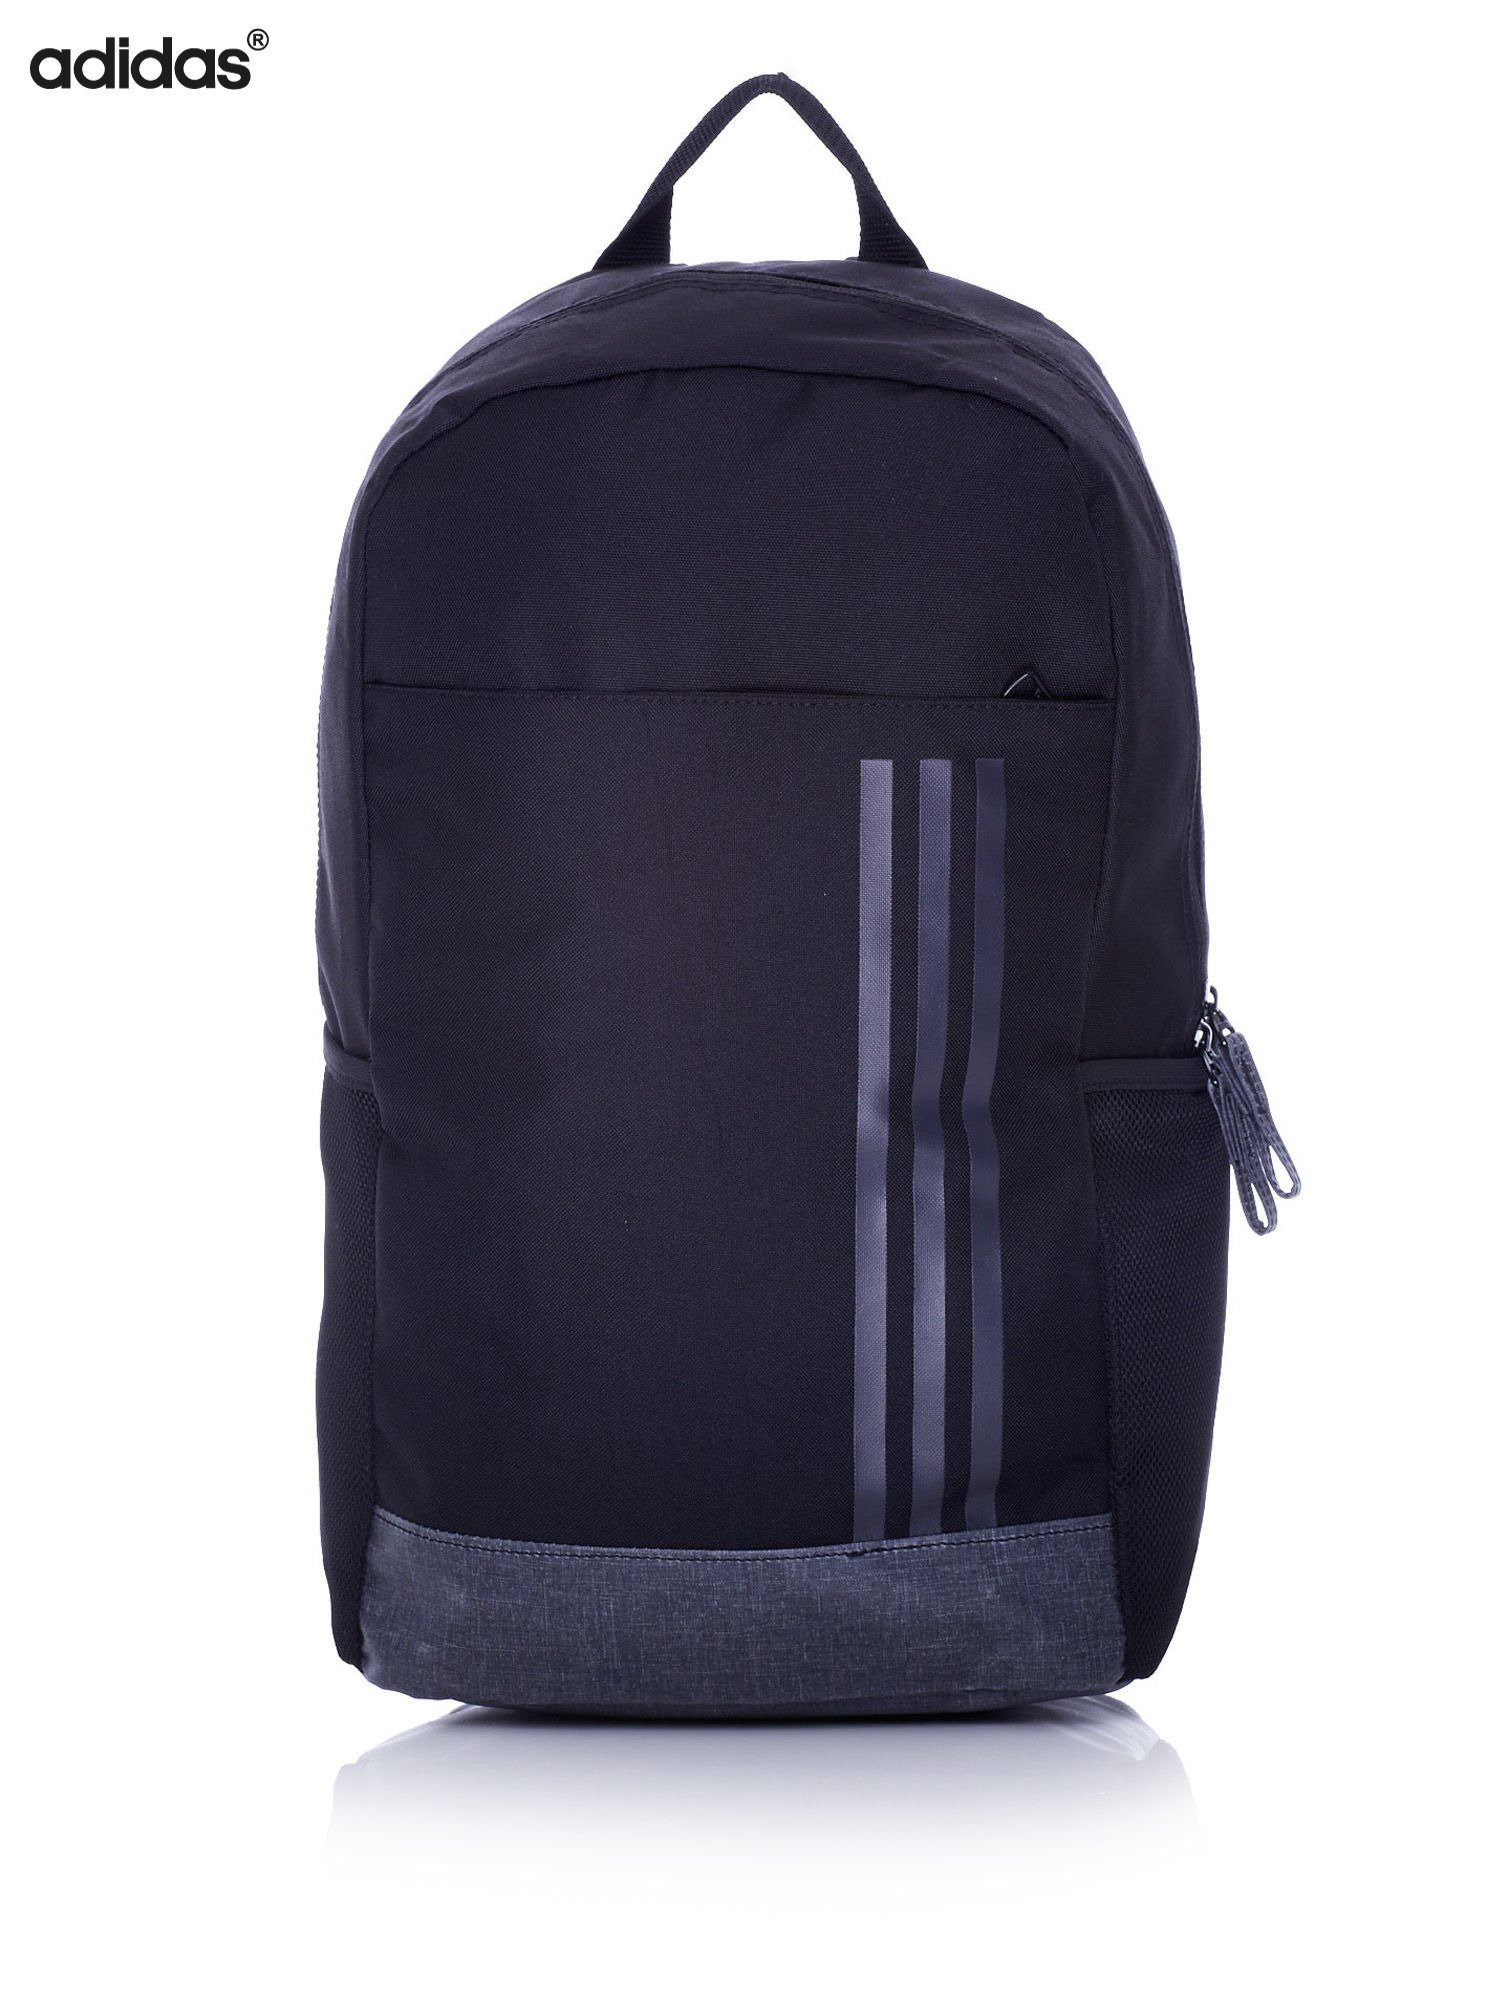 95961112fb470 ADIDAS Czarny plecak szkolny z bocznymi kieszonkami - Dziecko ...